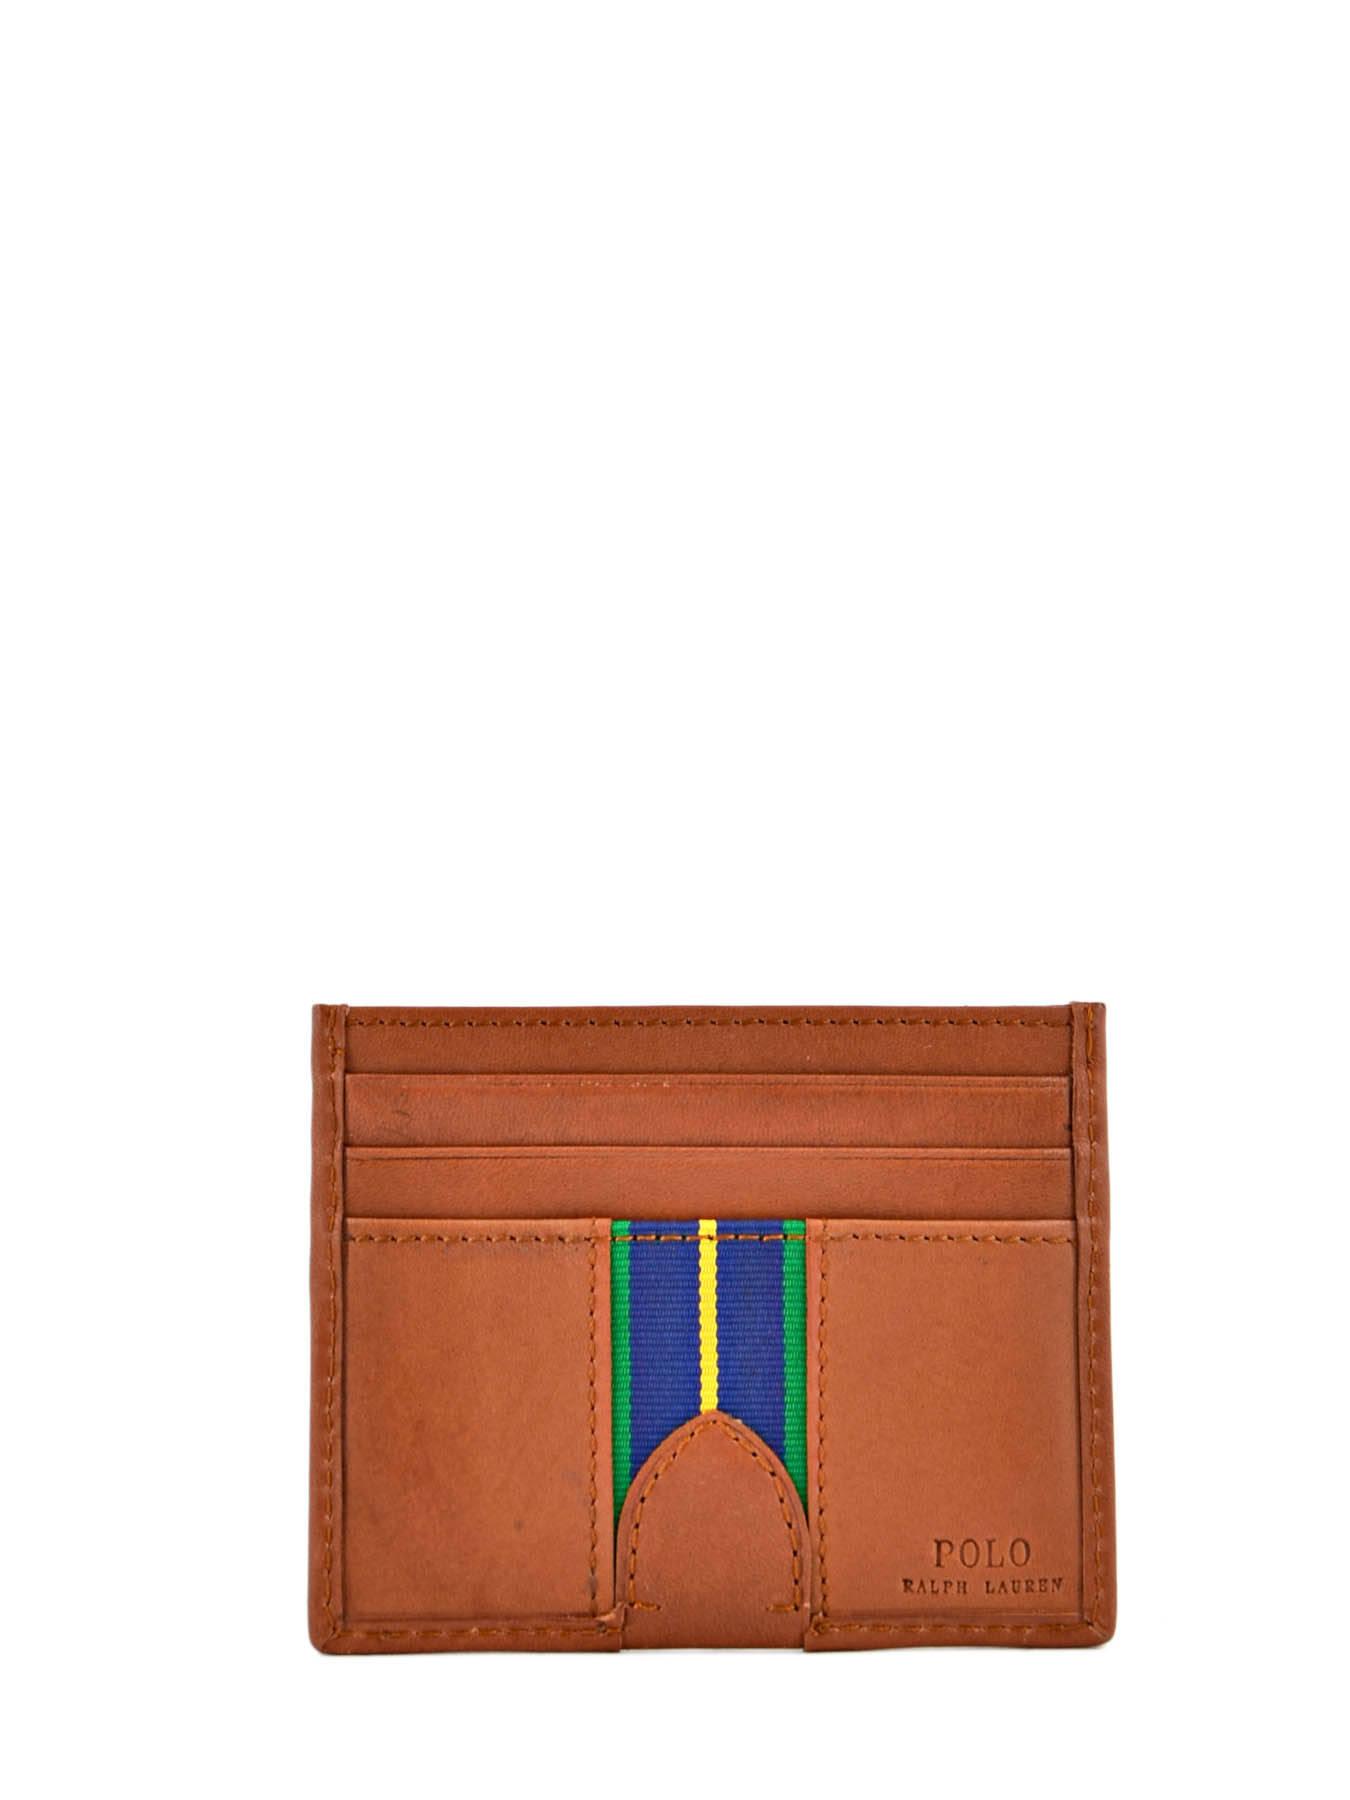 Porte-cartes Cuir Polo ralph lauren Marron wallet A79XZ6O2